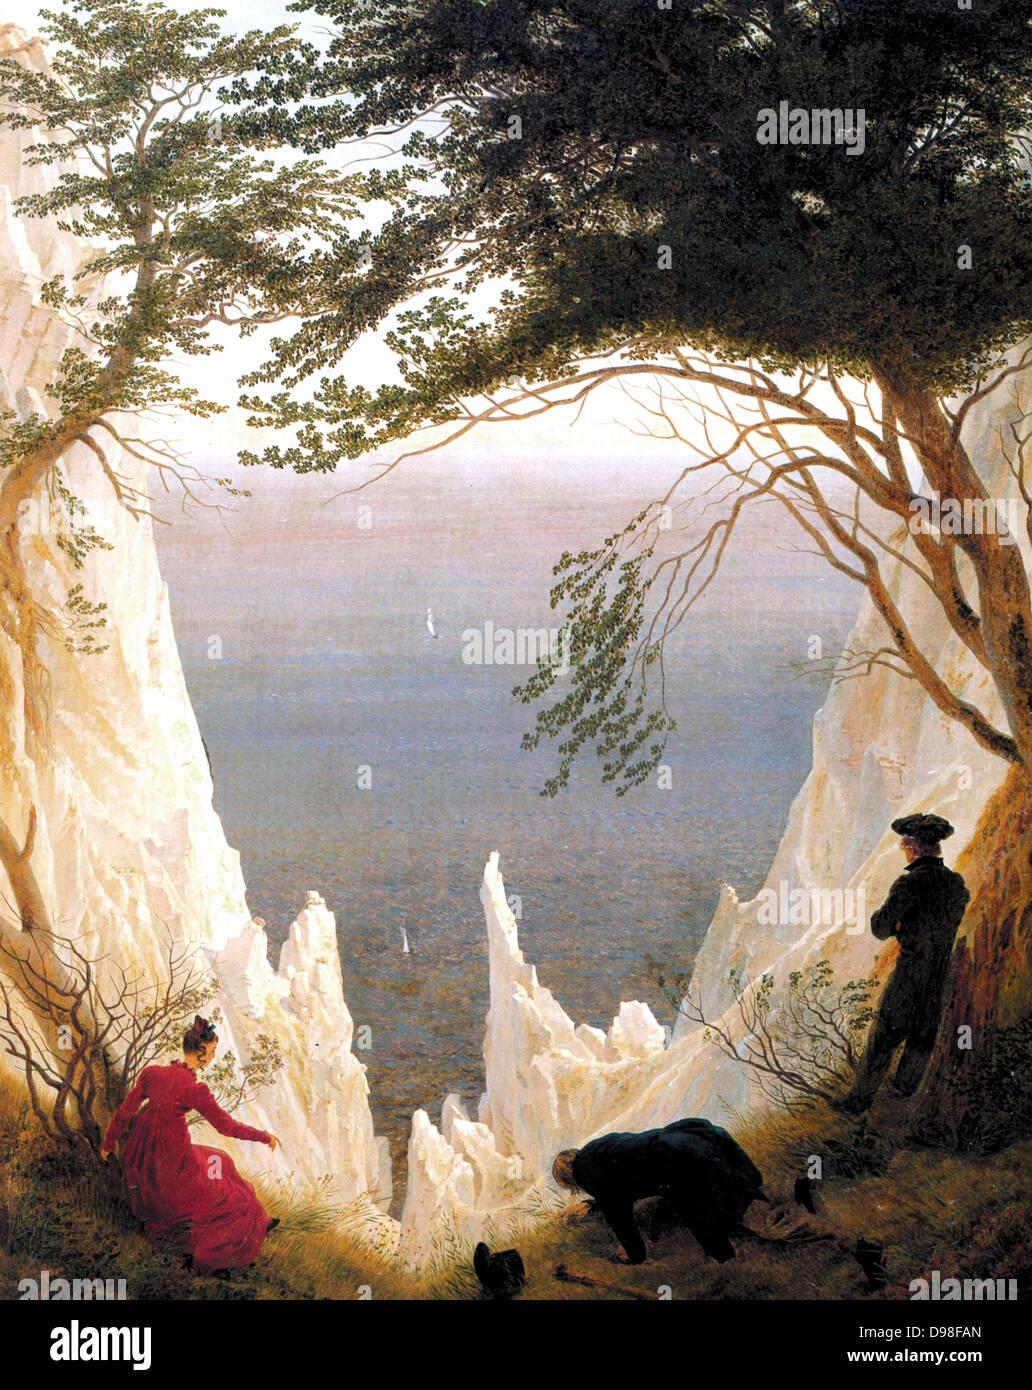 Moonrise Over the Sea (1822), by Caspar David Friedrich (1774 – 1840), German Romantic landscape painter - Stock Image